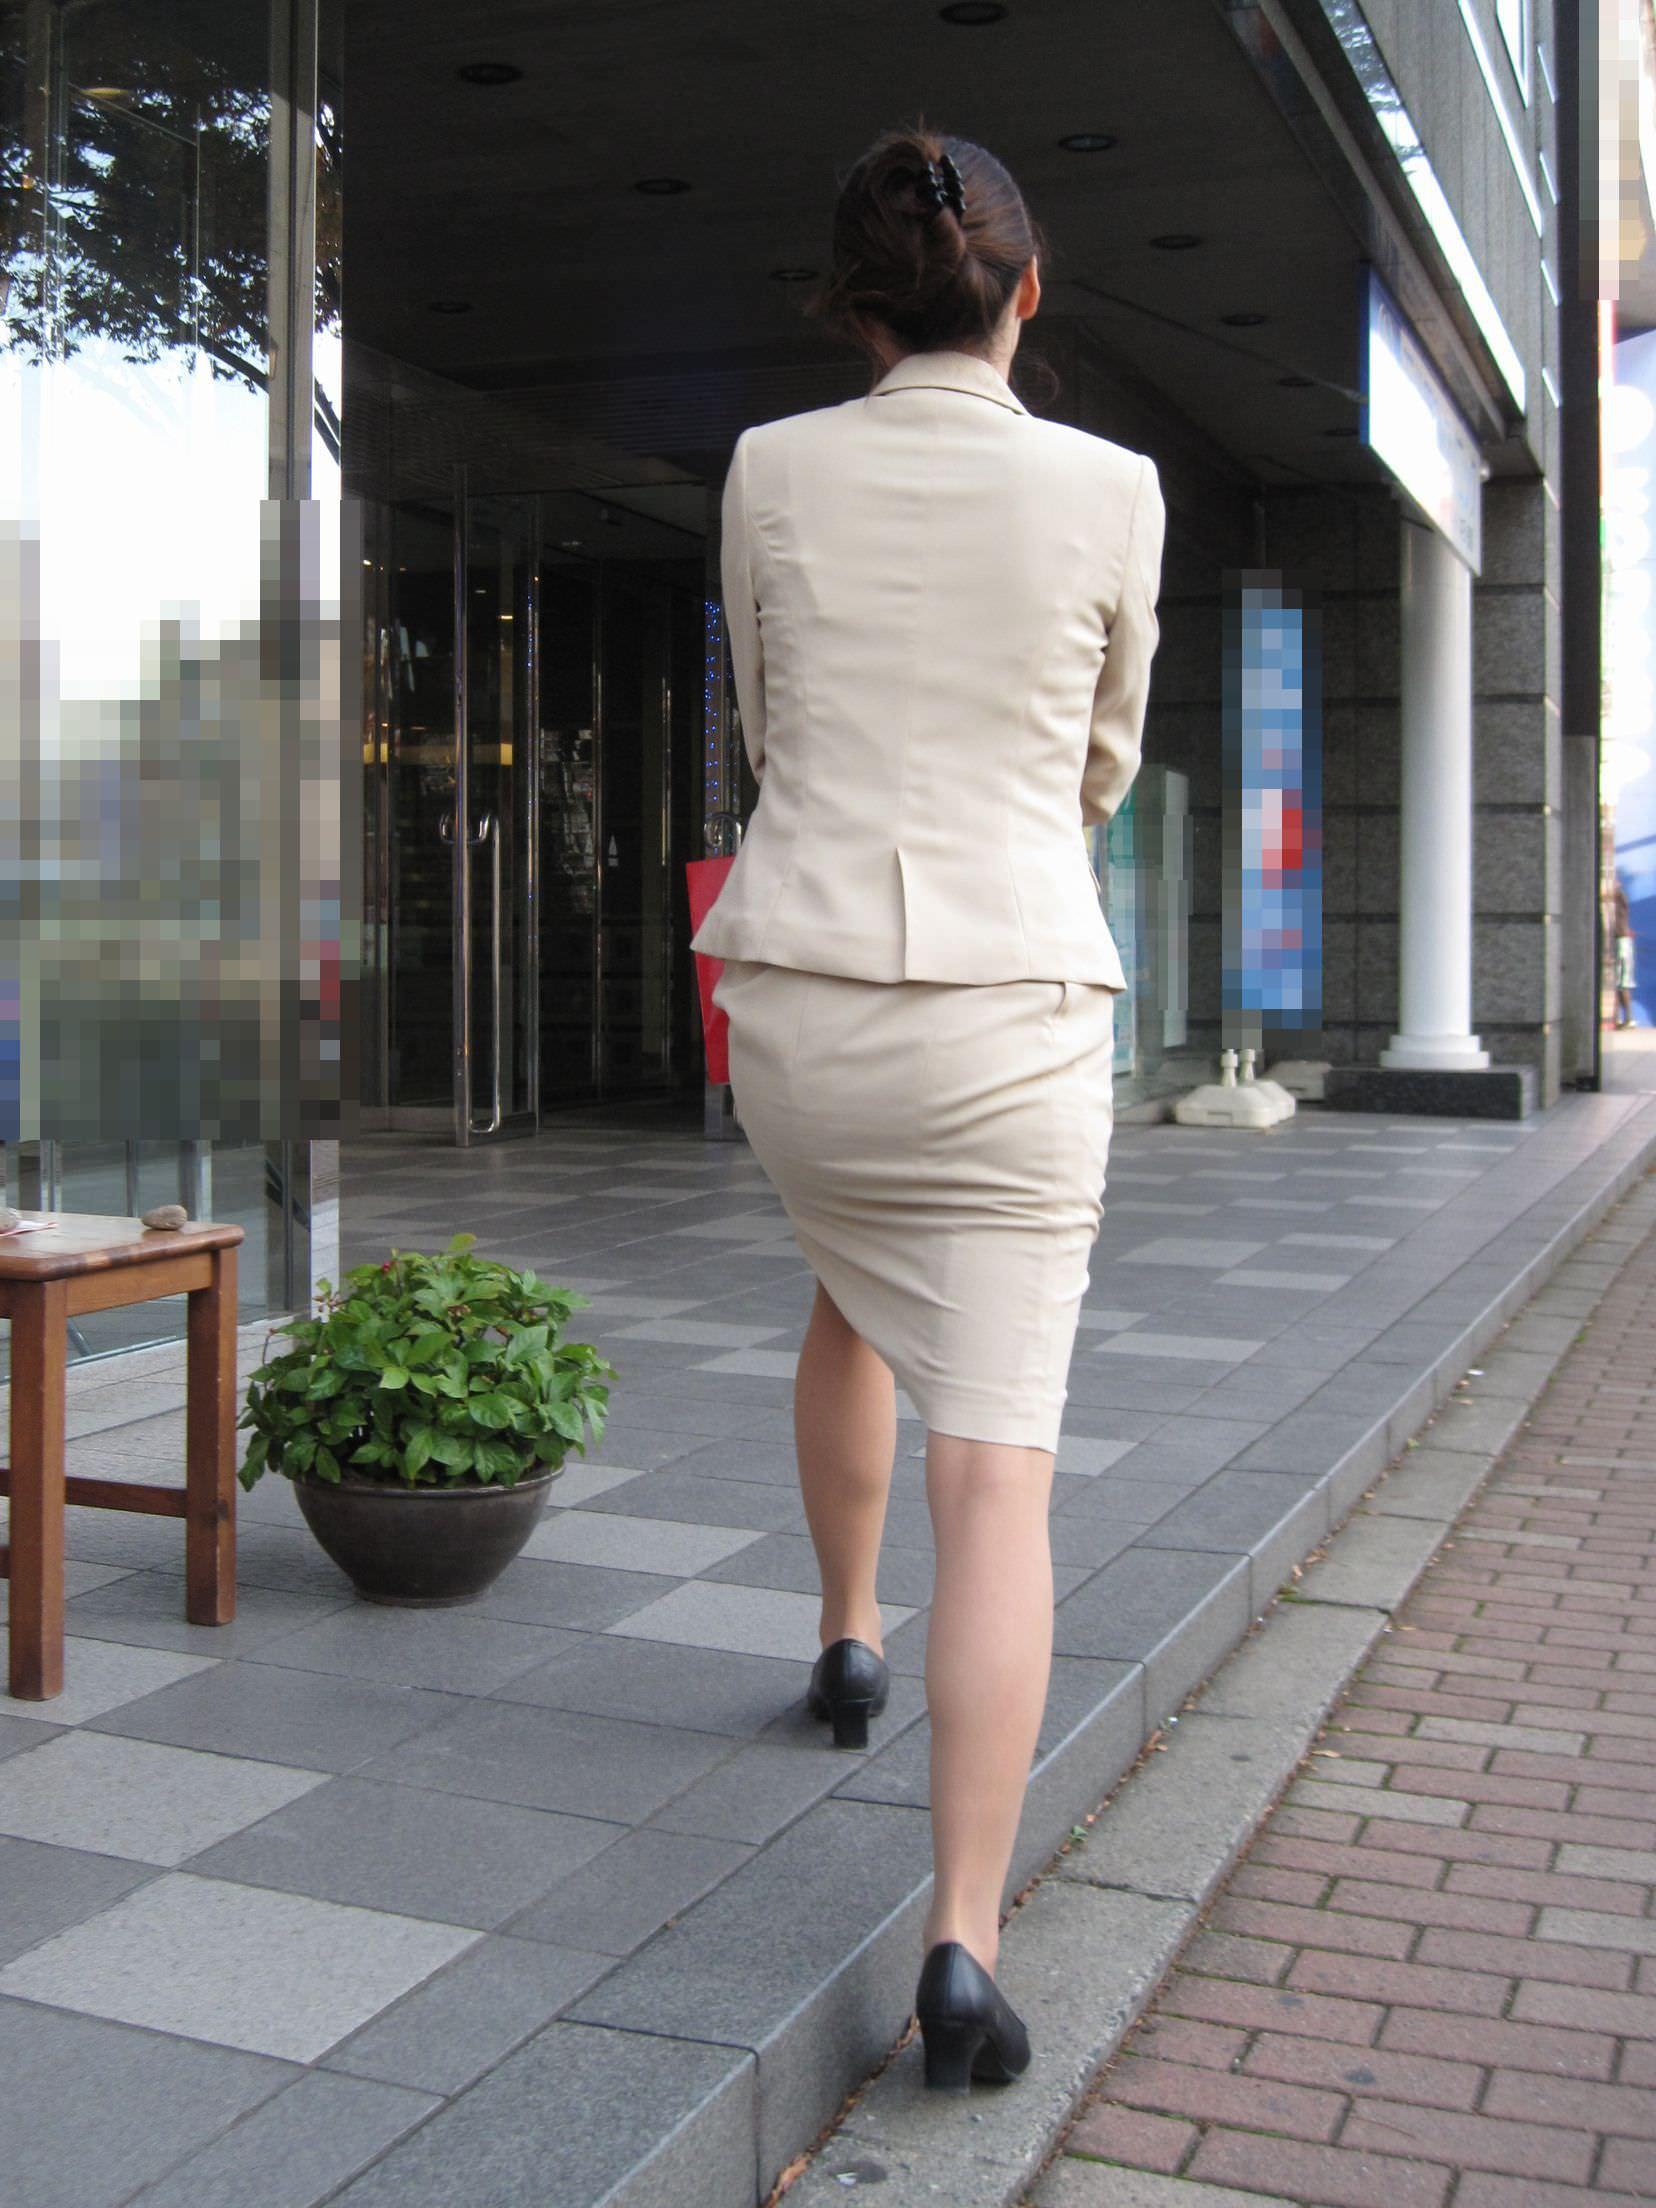 お尻の形が丸わかりなOLさんを尾行して街撮り盗撮www 3064